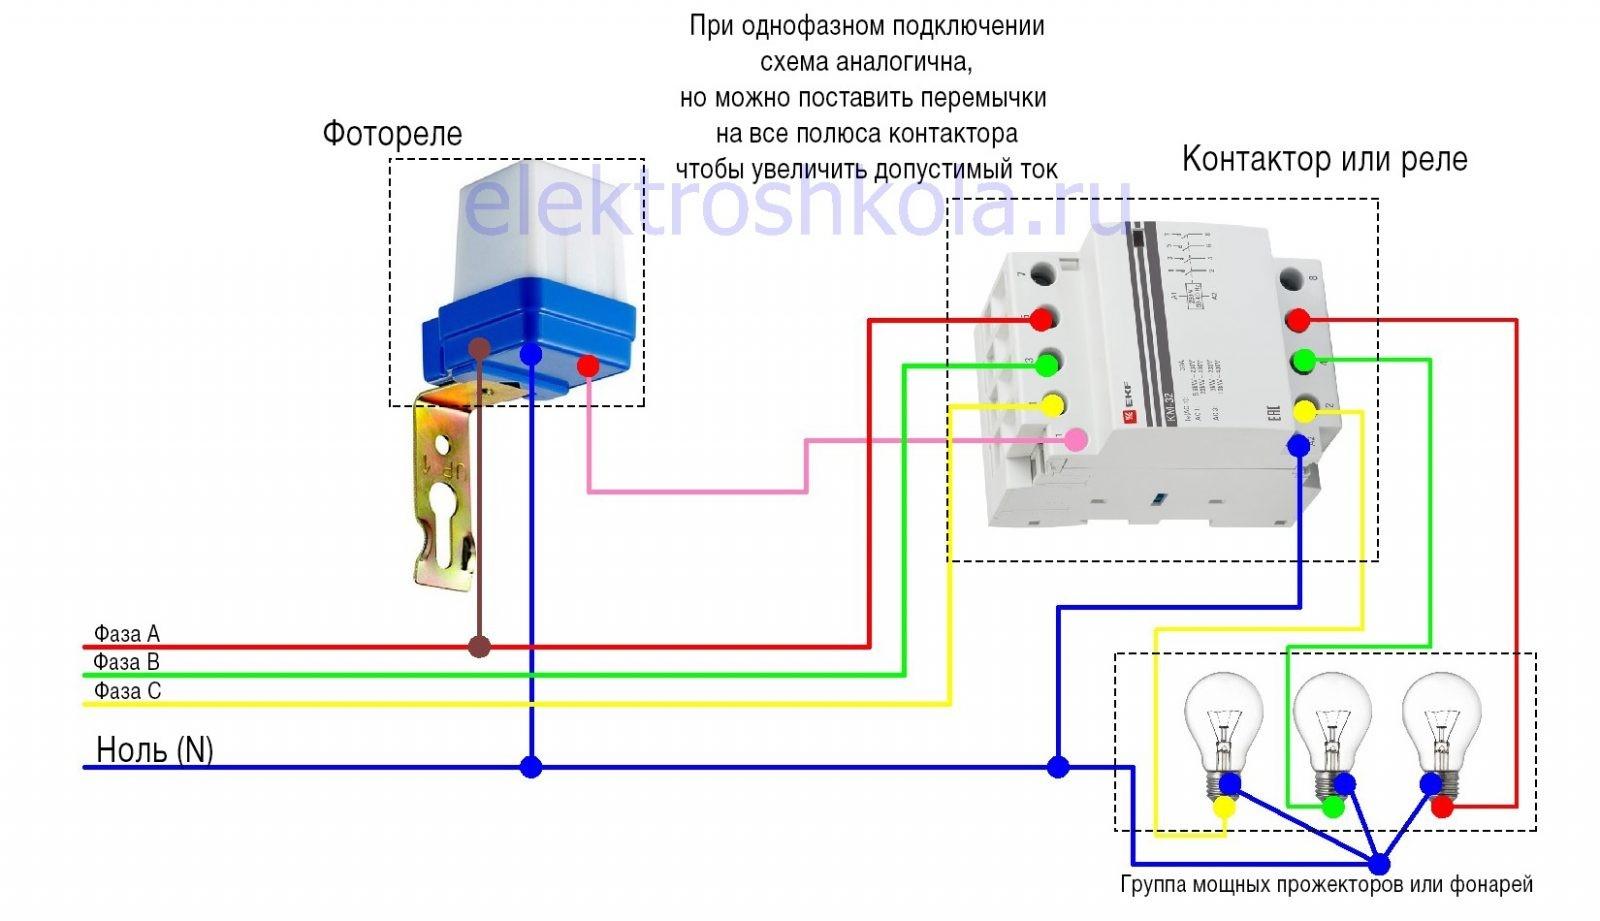 схема подключения фотореле с контактором